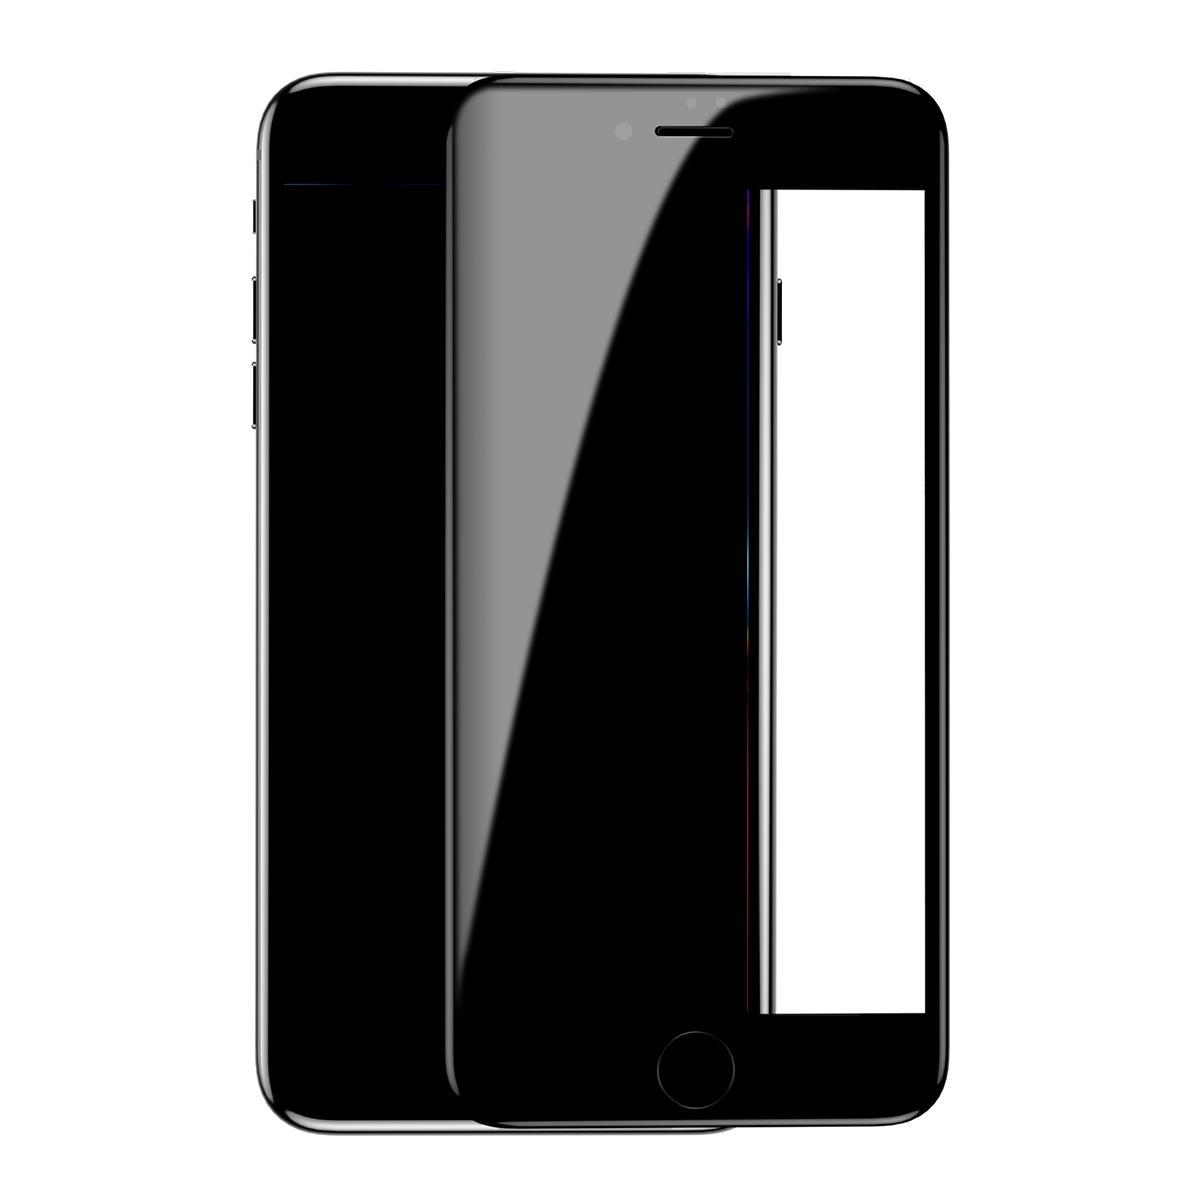 Baseus True 7D buet kant klar eksplosjonsbeskyttet, temperert glass beskyttelsesfilm for iPhone 7 Plus/8 Plus